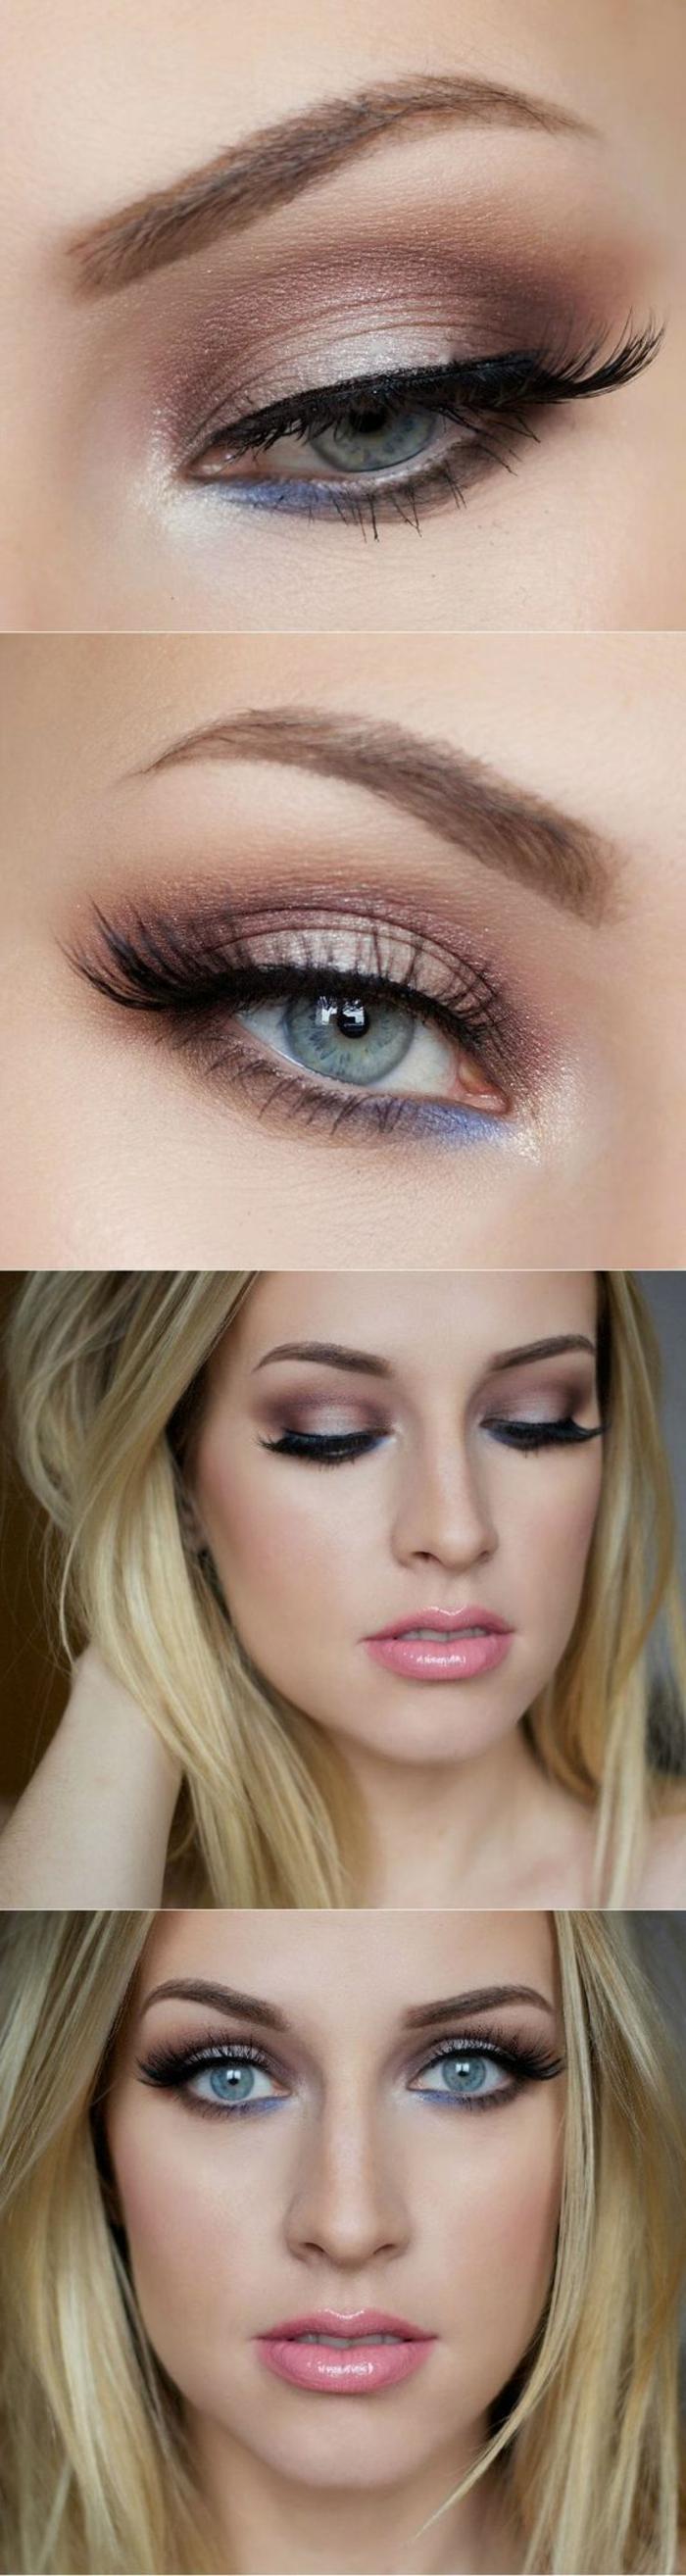 maquillage yeux verts comment se maquiller les yeux pour aller au bureau et pour les activités dans la journée